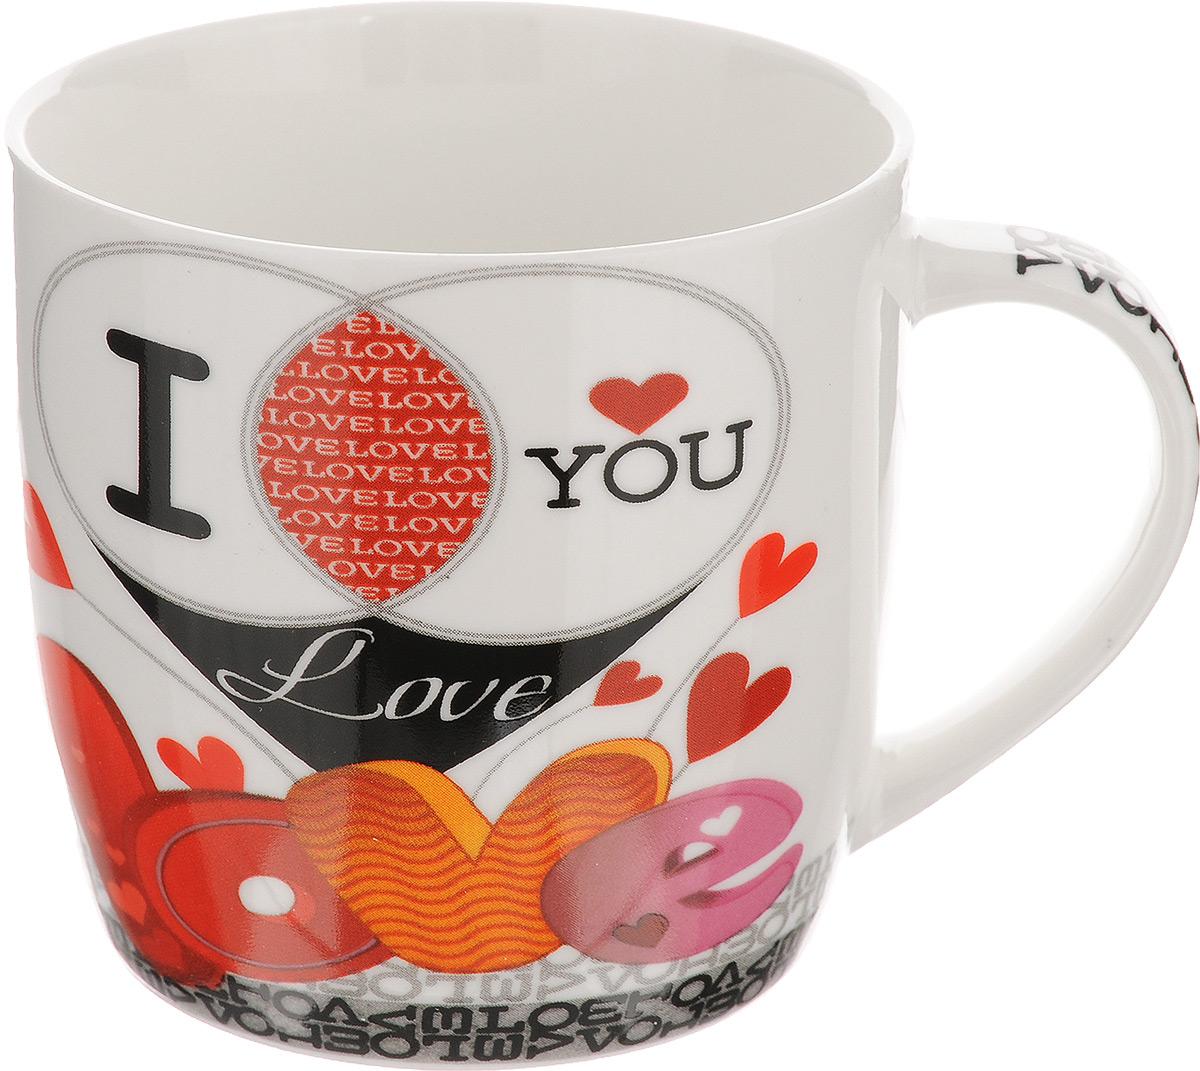 Кружка Loraine, цвет: белый, красный, черный, 320 мл. 2446924469Оригинальная кружка Loraine выполнена из высококачественного фарфора и оформлена красочным рисунком. Она станет отличным дополнением к сервировке семейного стола и замечательным подарком для ваших родных и друзей. Диаметр кружки (по верхнему краю): 8,5 см